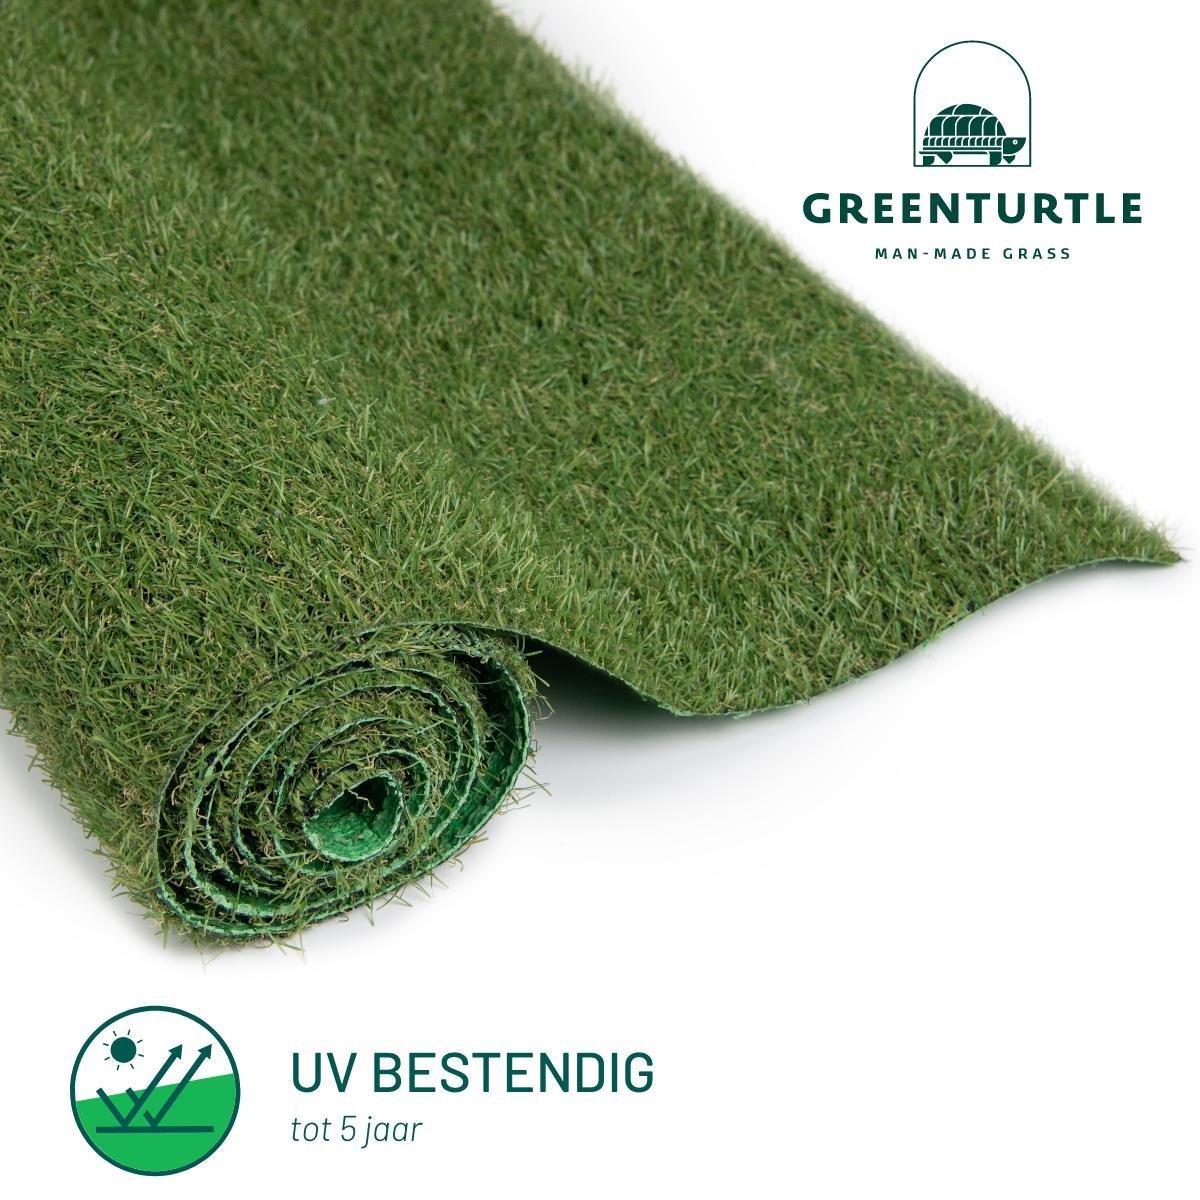 Green Turtle Kunstgras - Grastapijt 100x400cm - 21mm - Wimbledon - Artificieel Gras - Grastapijt voo